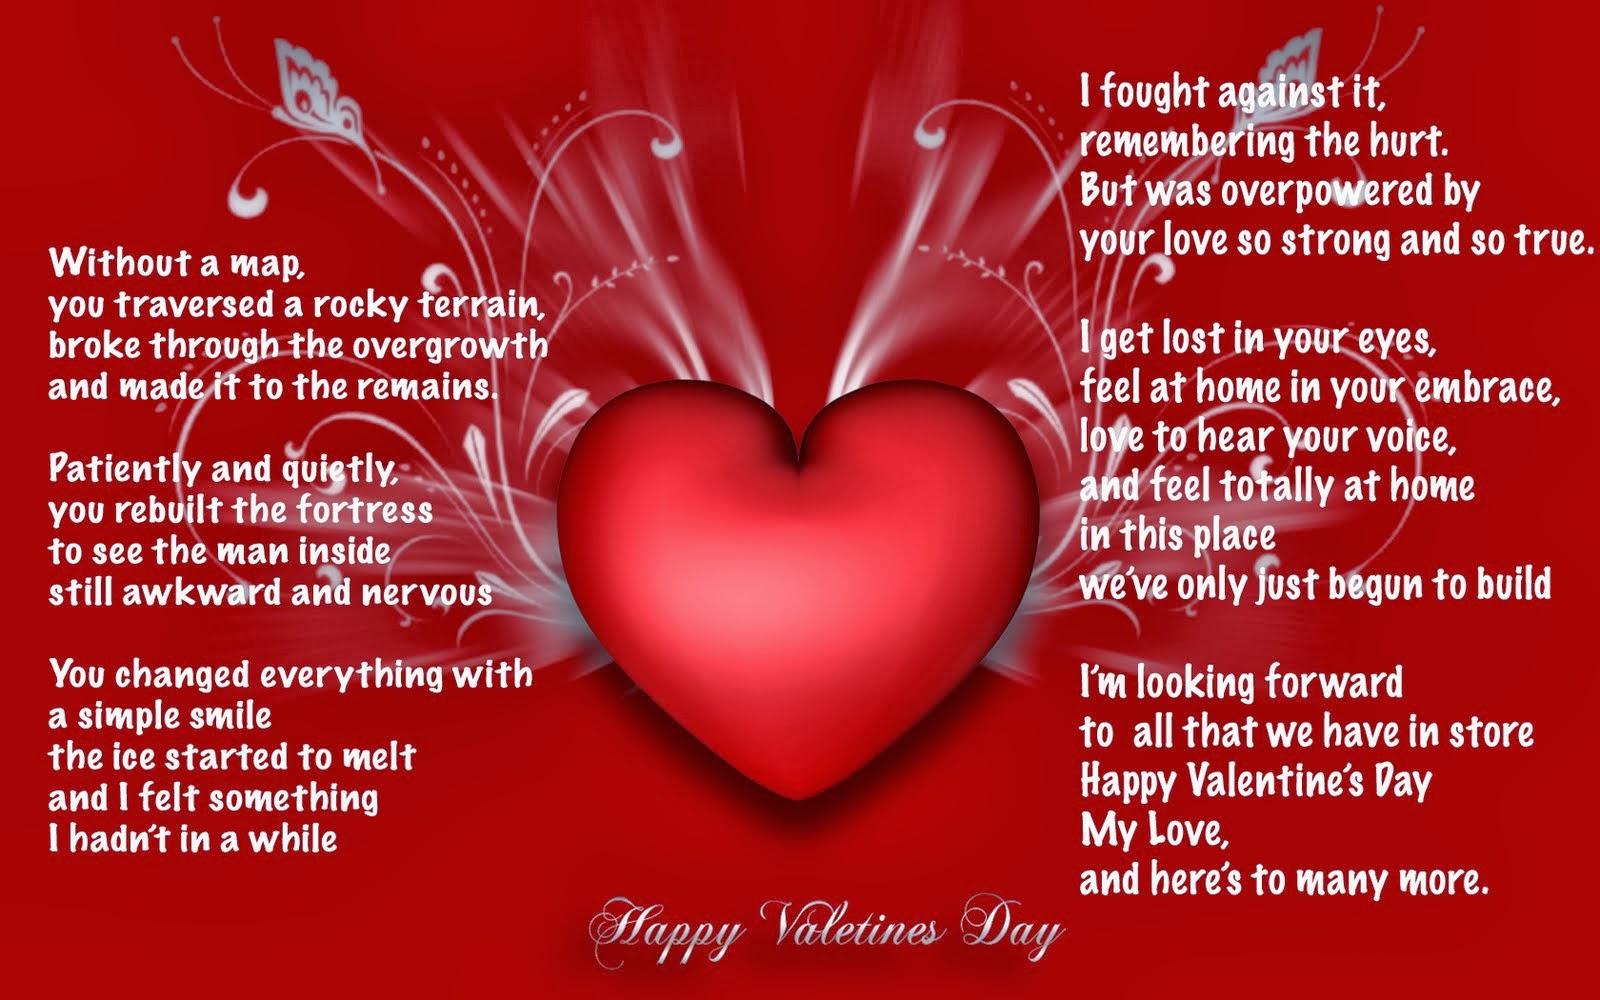 Schön Happy Valentines Day Wishes: